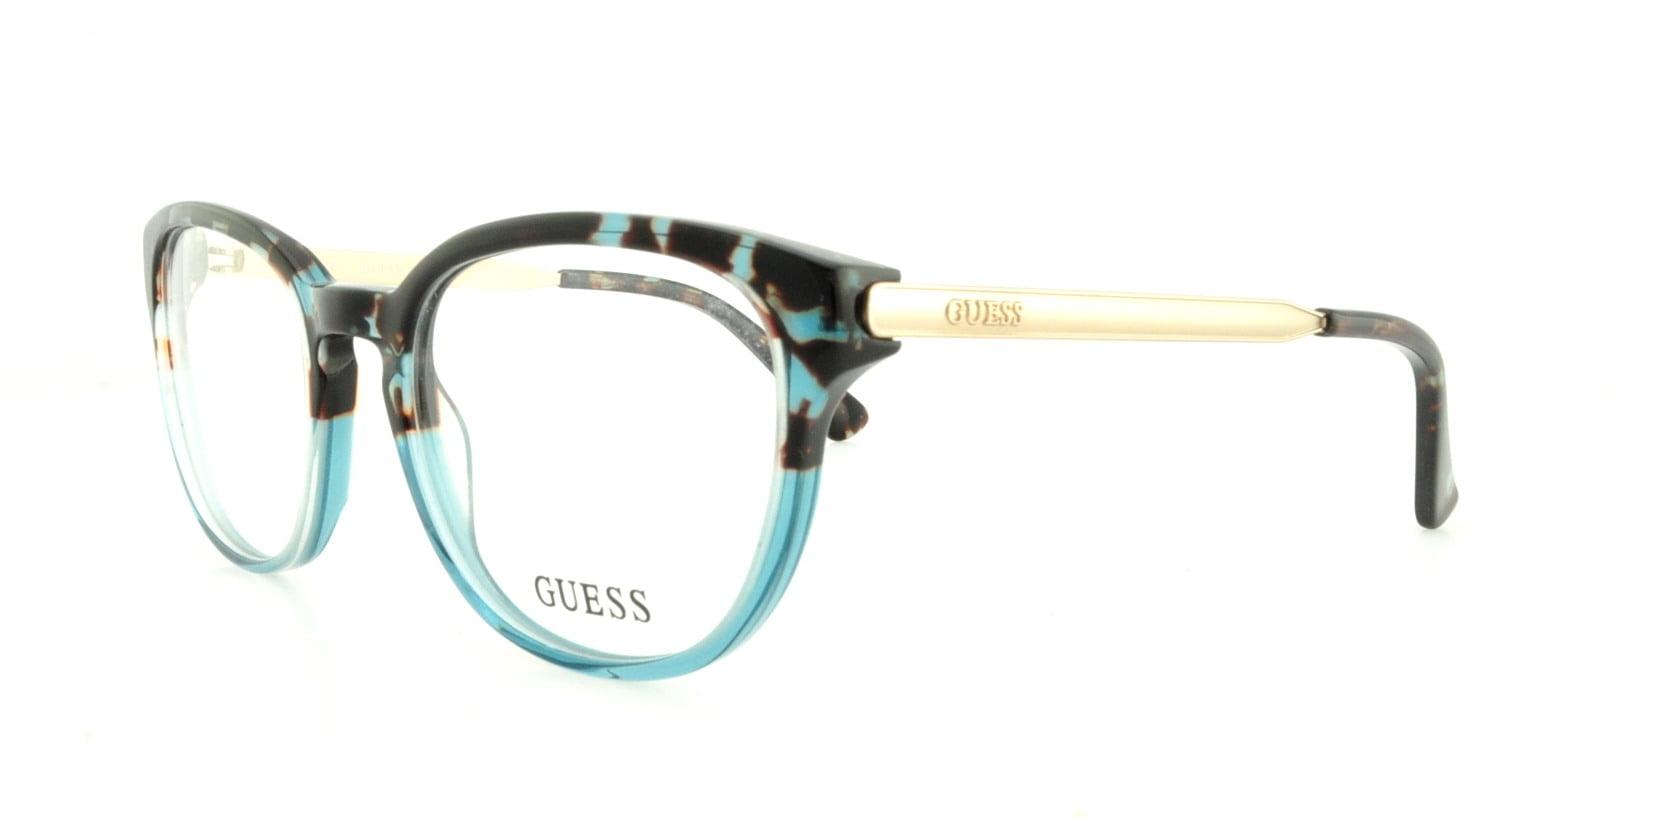 GUESS Eyeglasses GU 2461 B24 Blue 52MM - Walmart.com